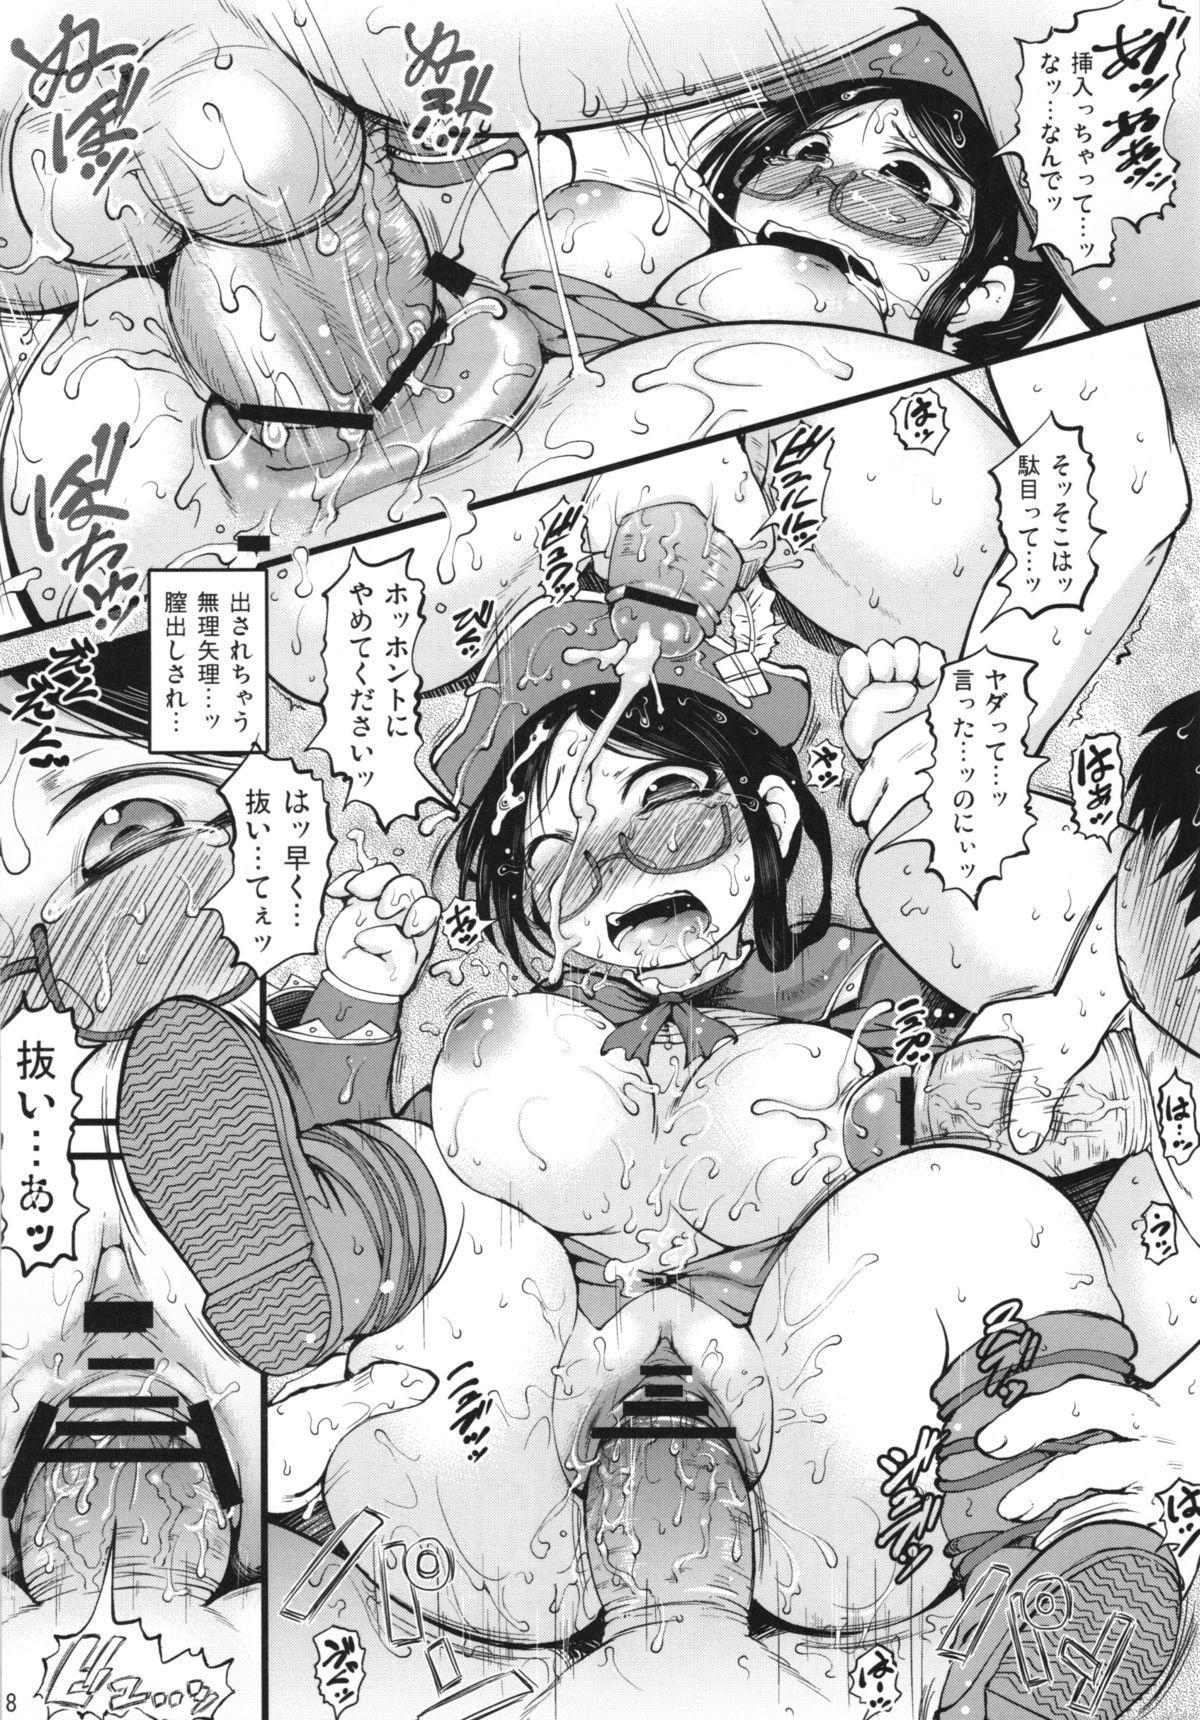 Barubare! Uketsukejou-san 17